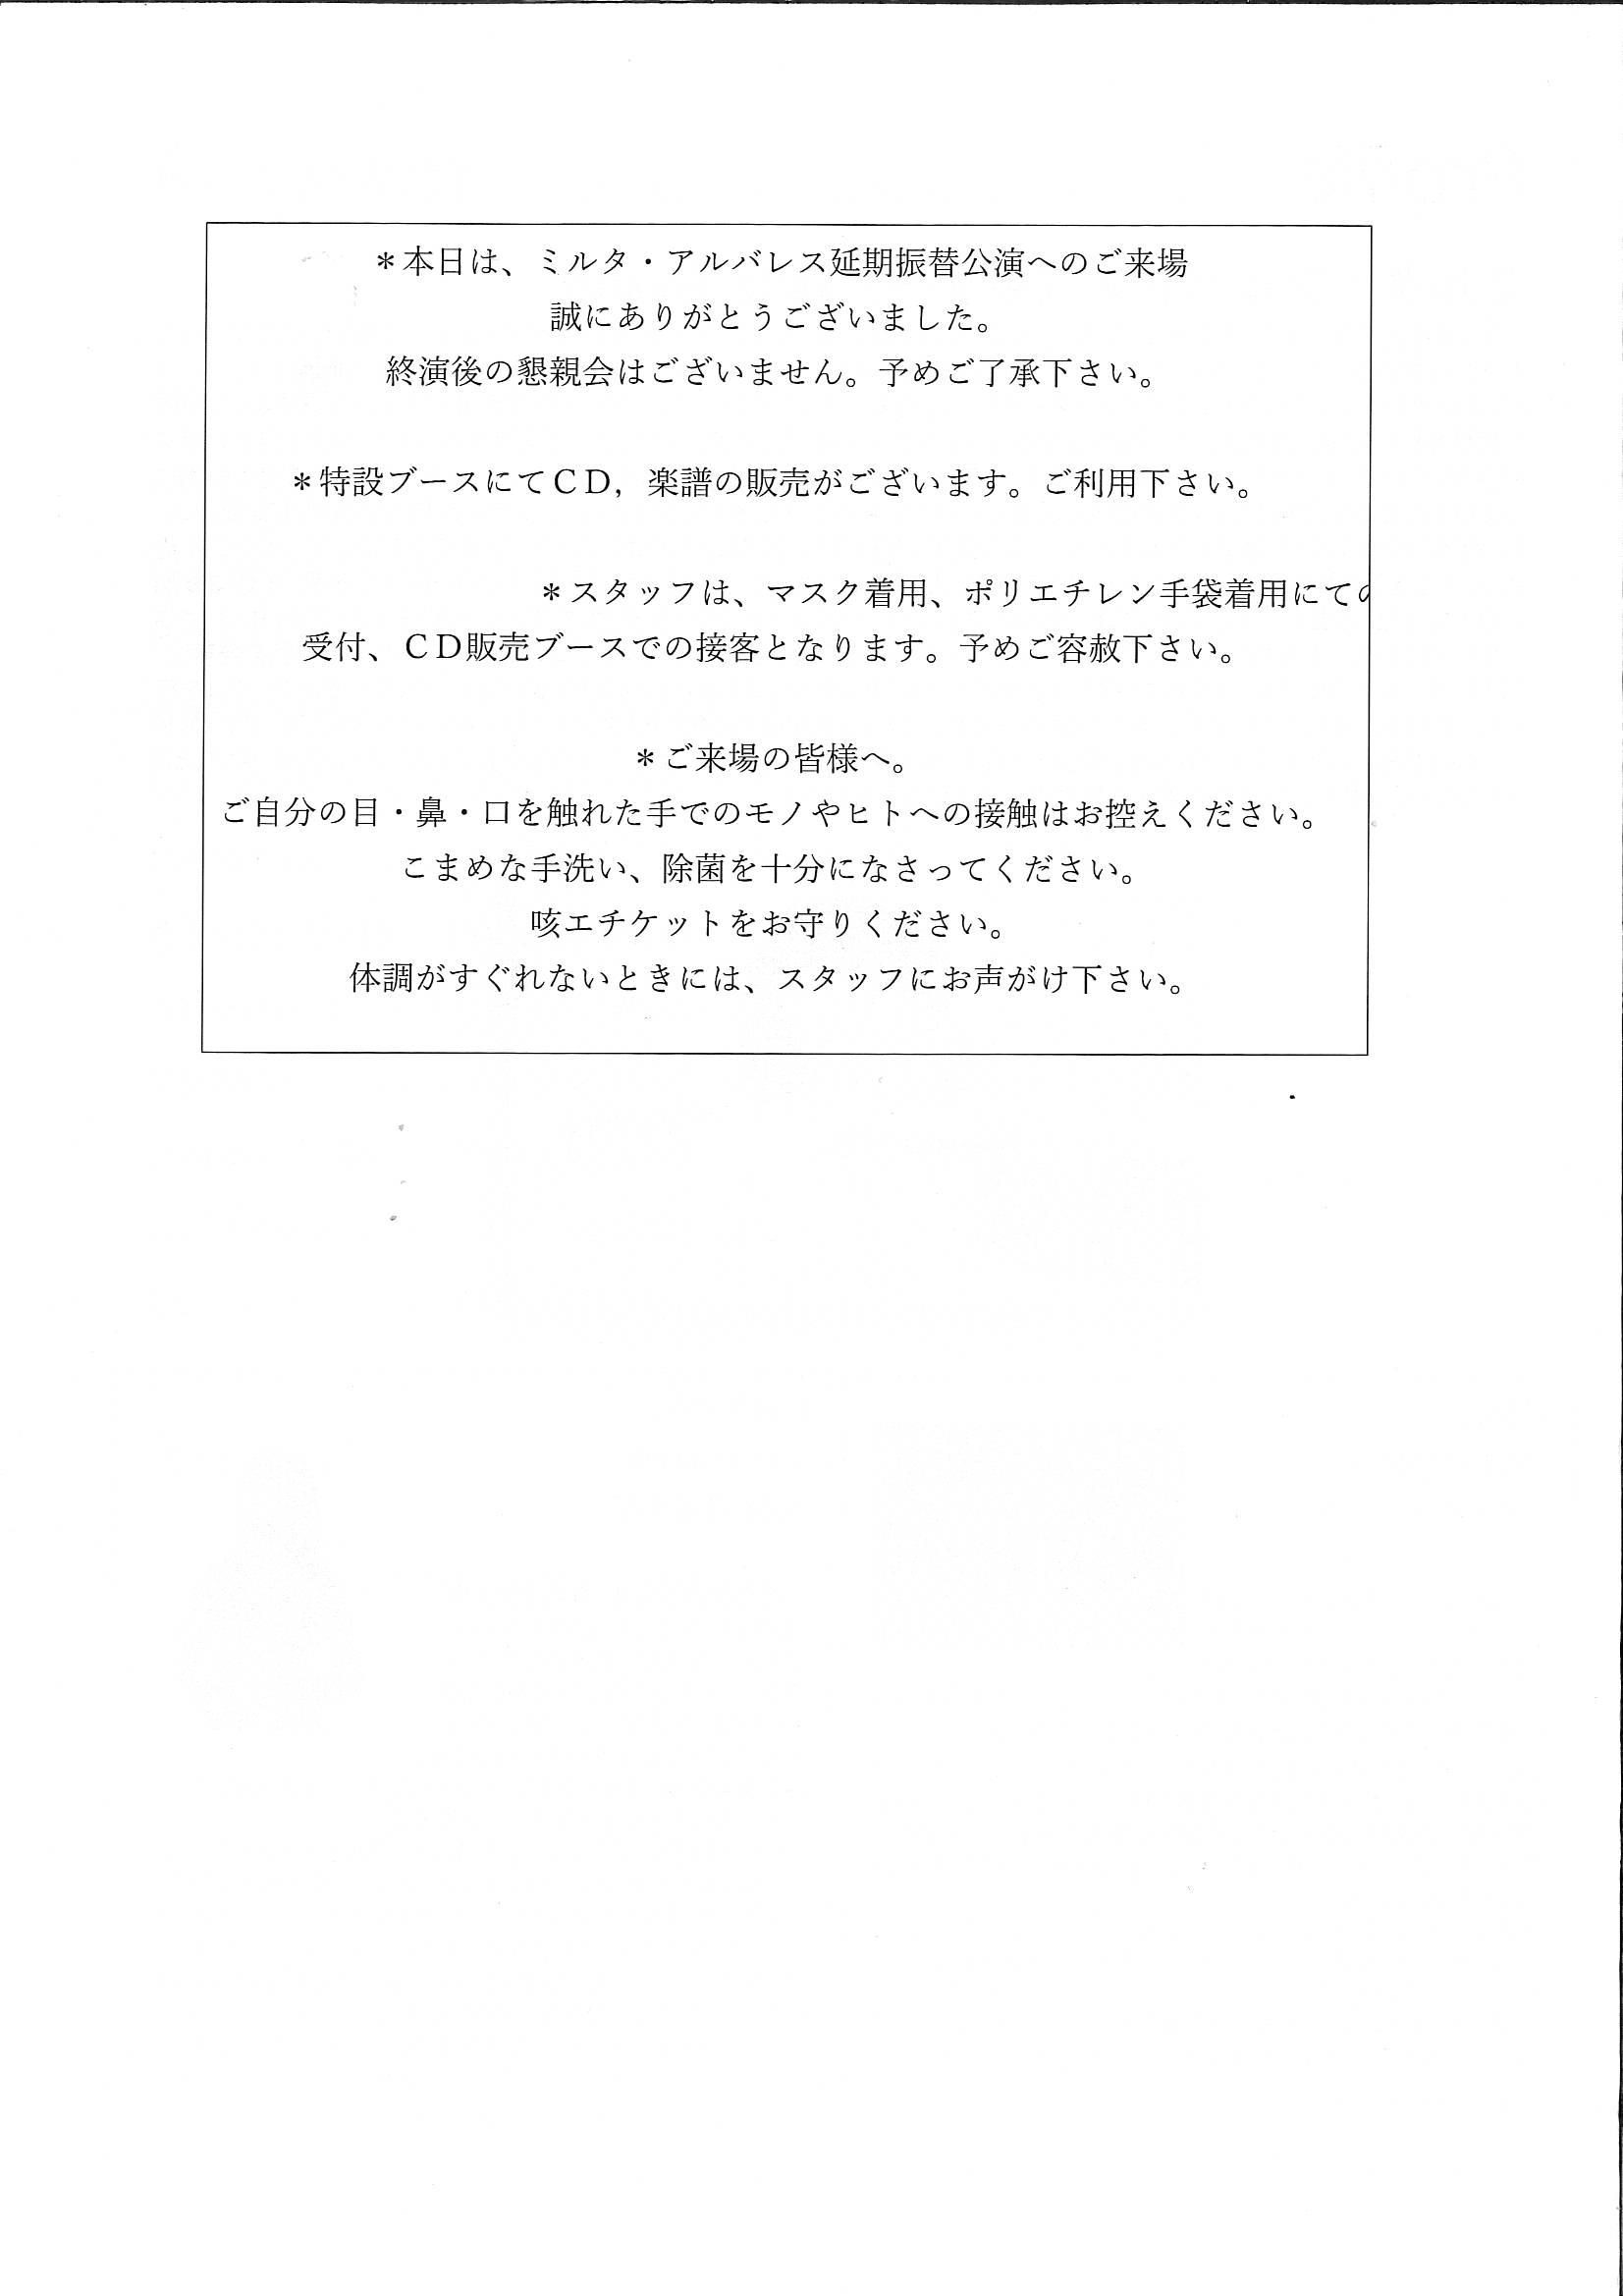 MX-2310F_20200403_085656_002.jpg